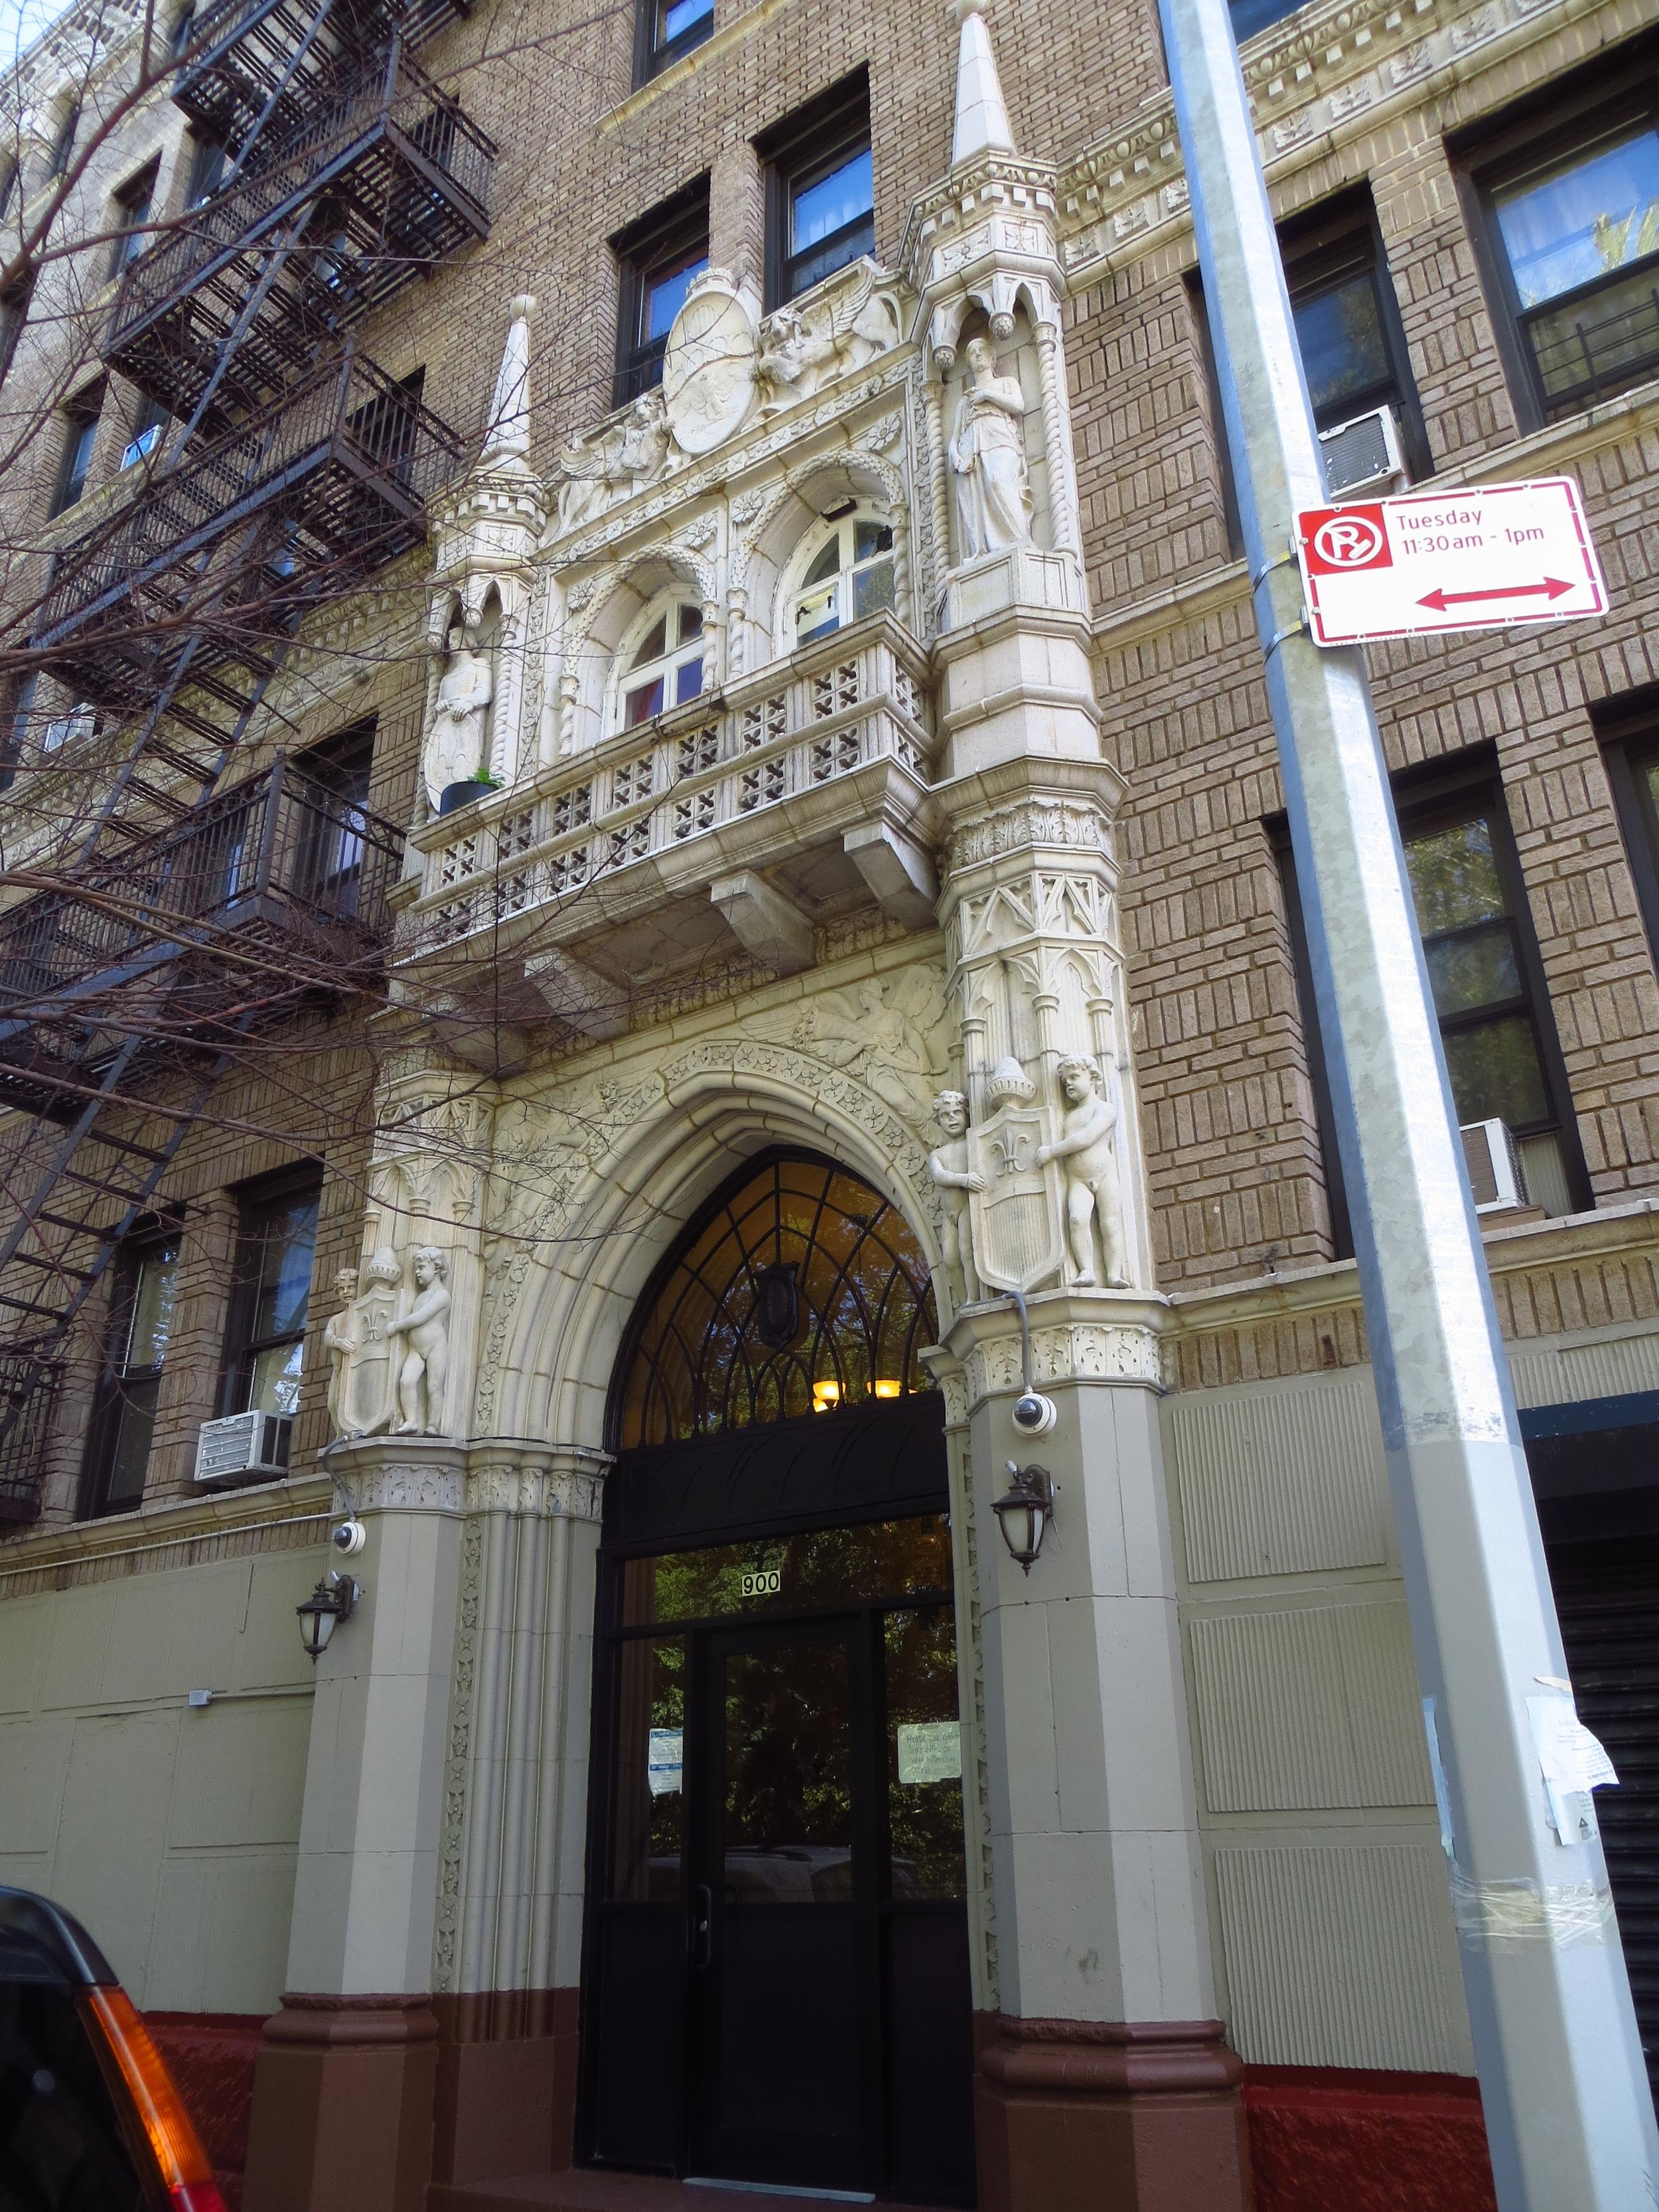 Ornate entrance facade